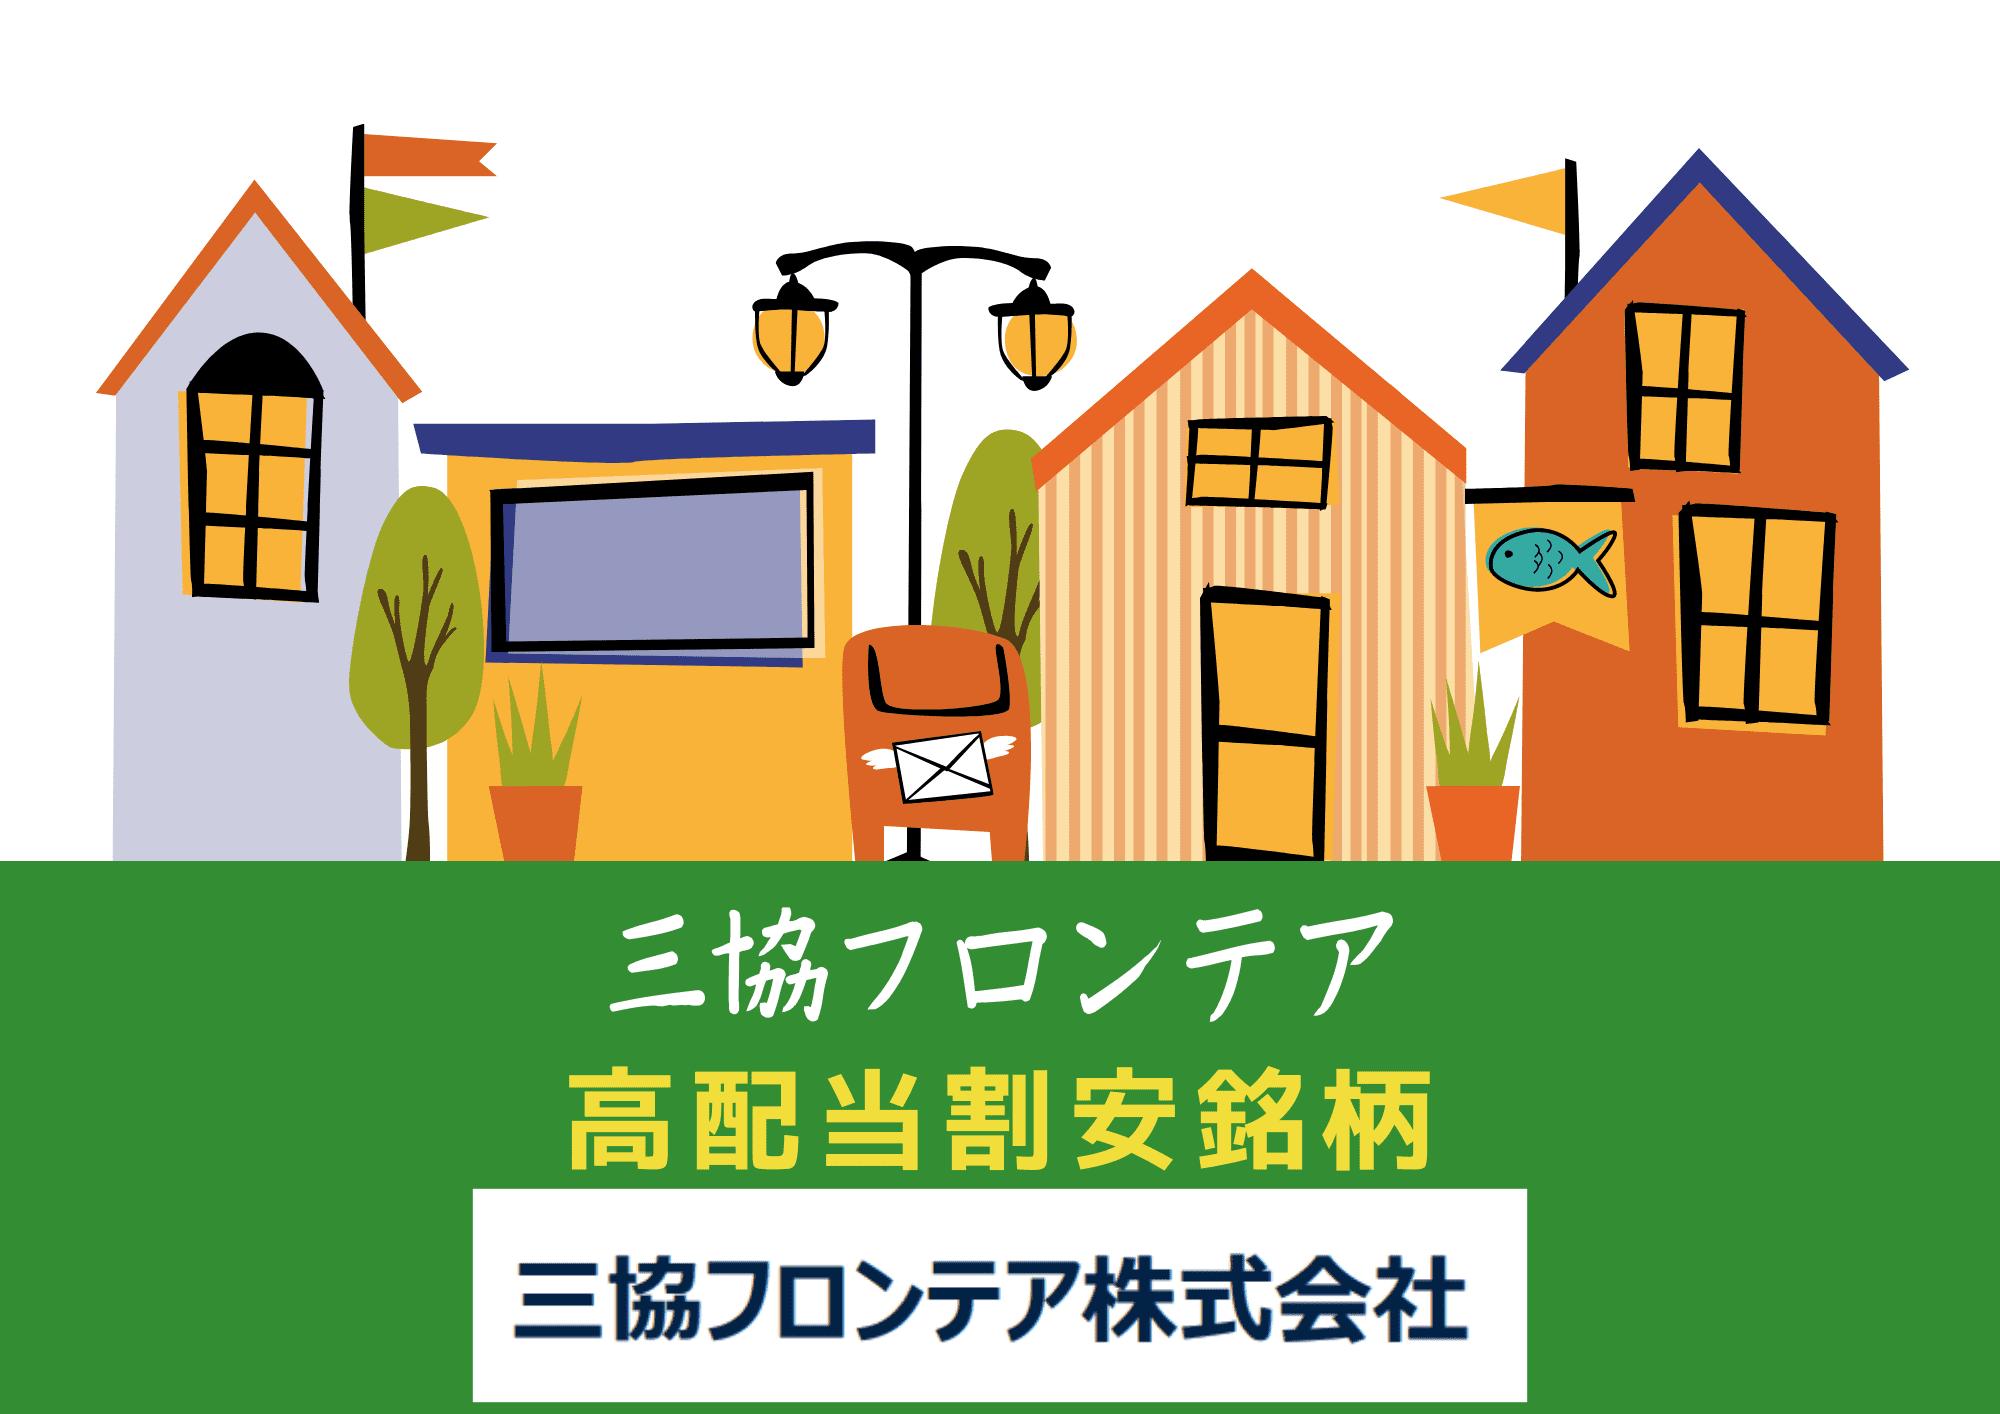 9639 三協フロンテア (1)